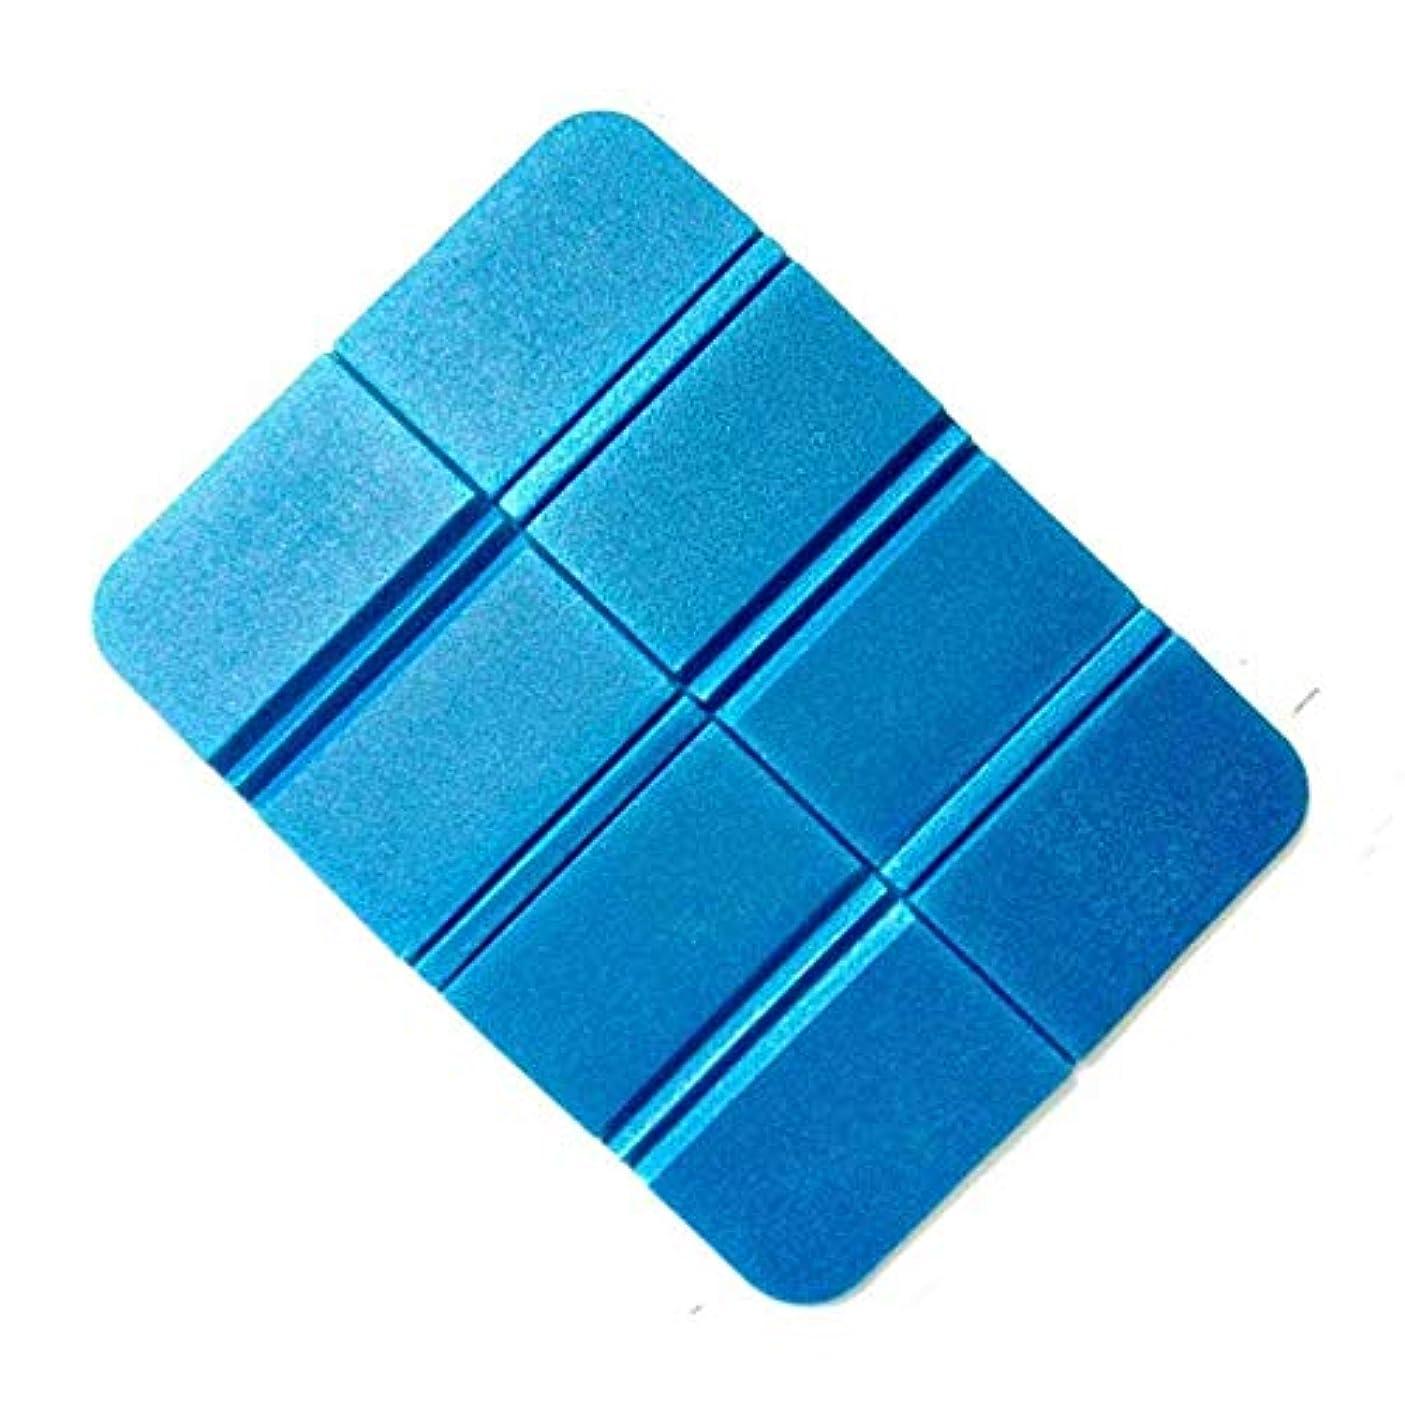 間違い比較的ヒロイックAmyou 8倍のポケットサイズのピクニック折りたたみシートクッションフォーマットマットモイスチャーショープービーチェアパッド